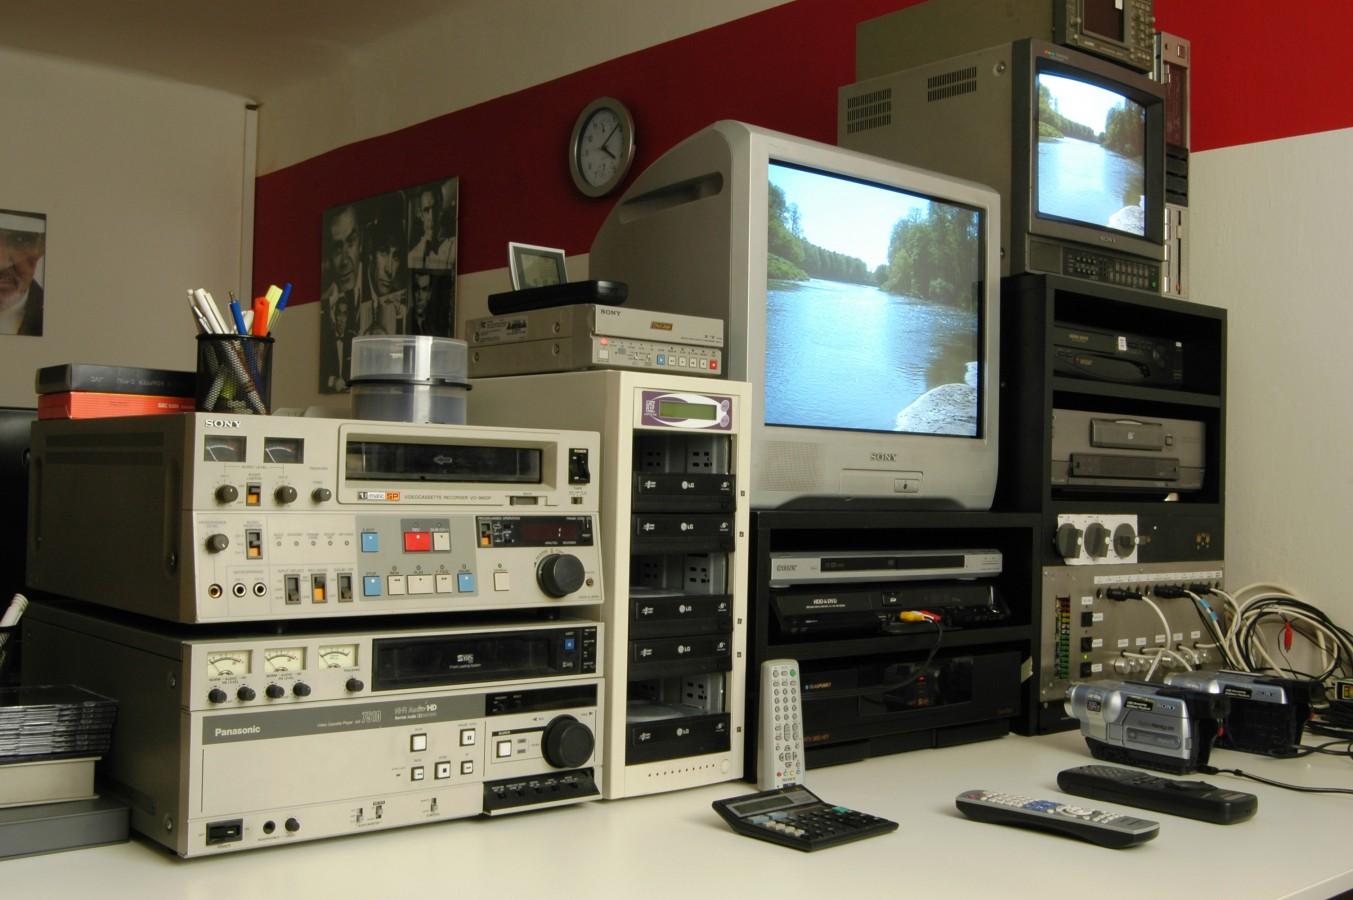 Kopírování, digitalizace VHS, převod na DVD, Praha